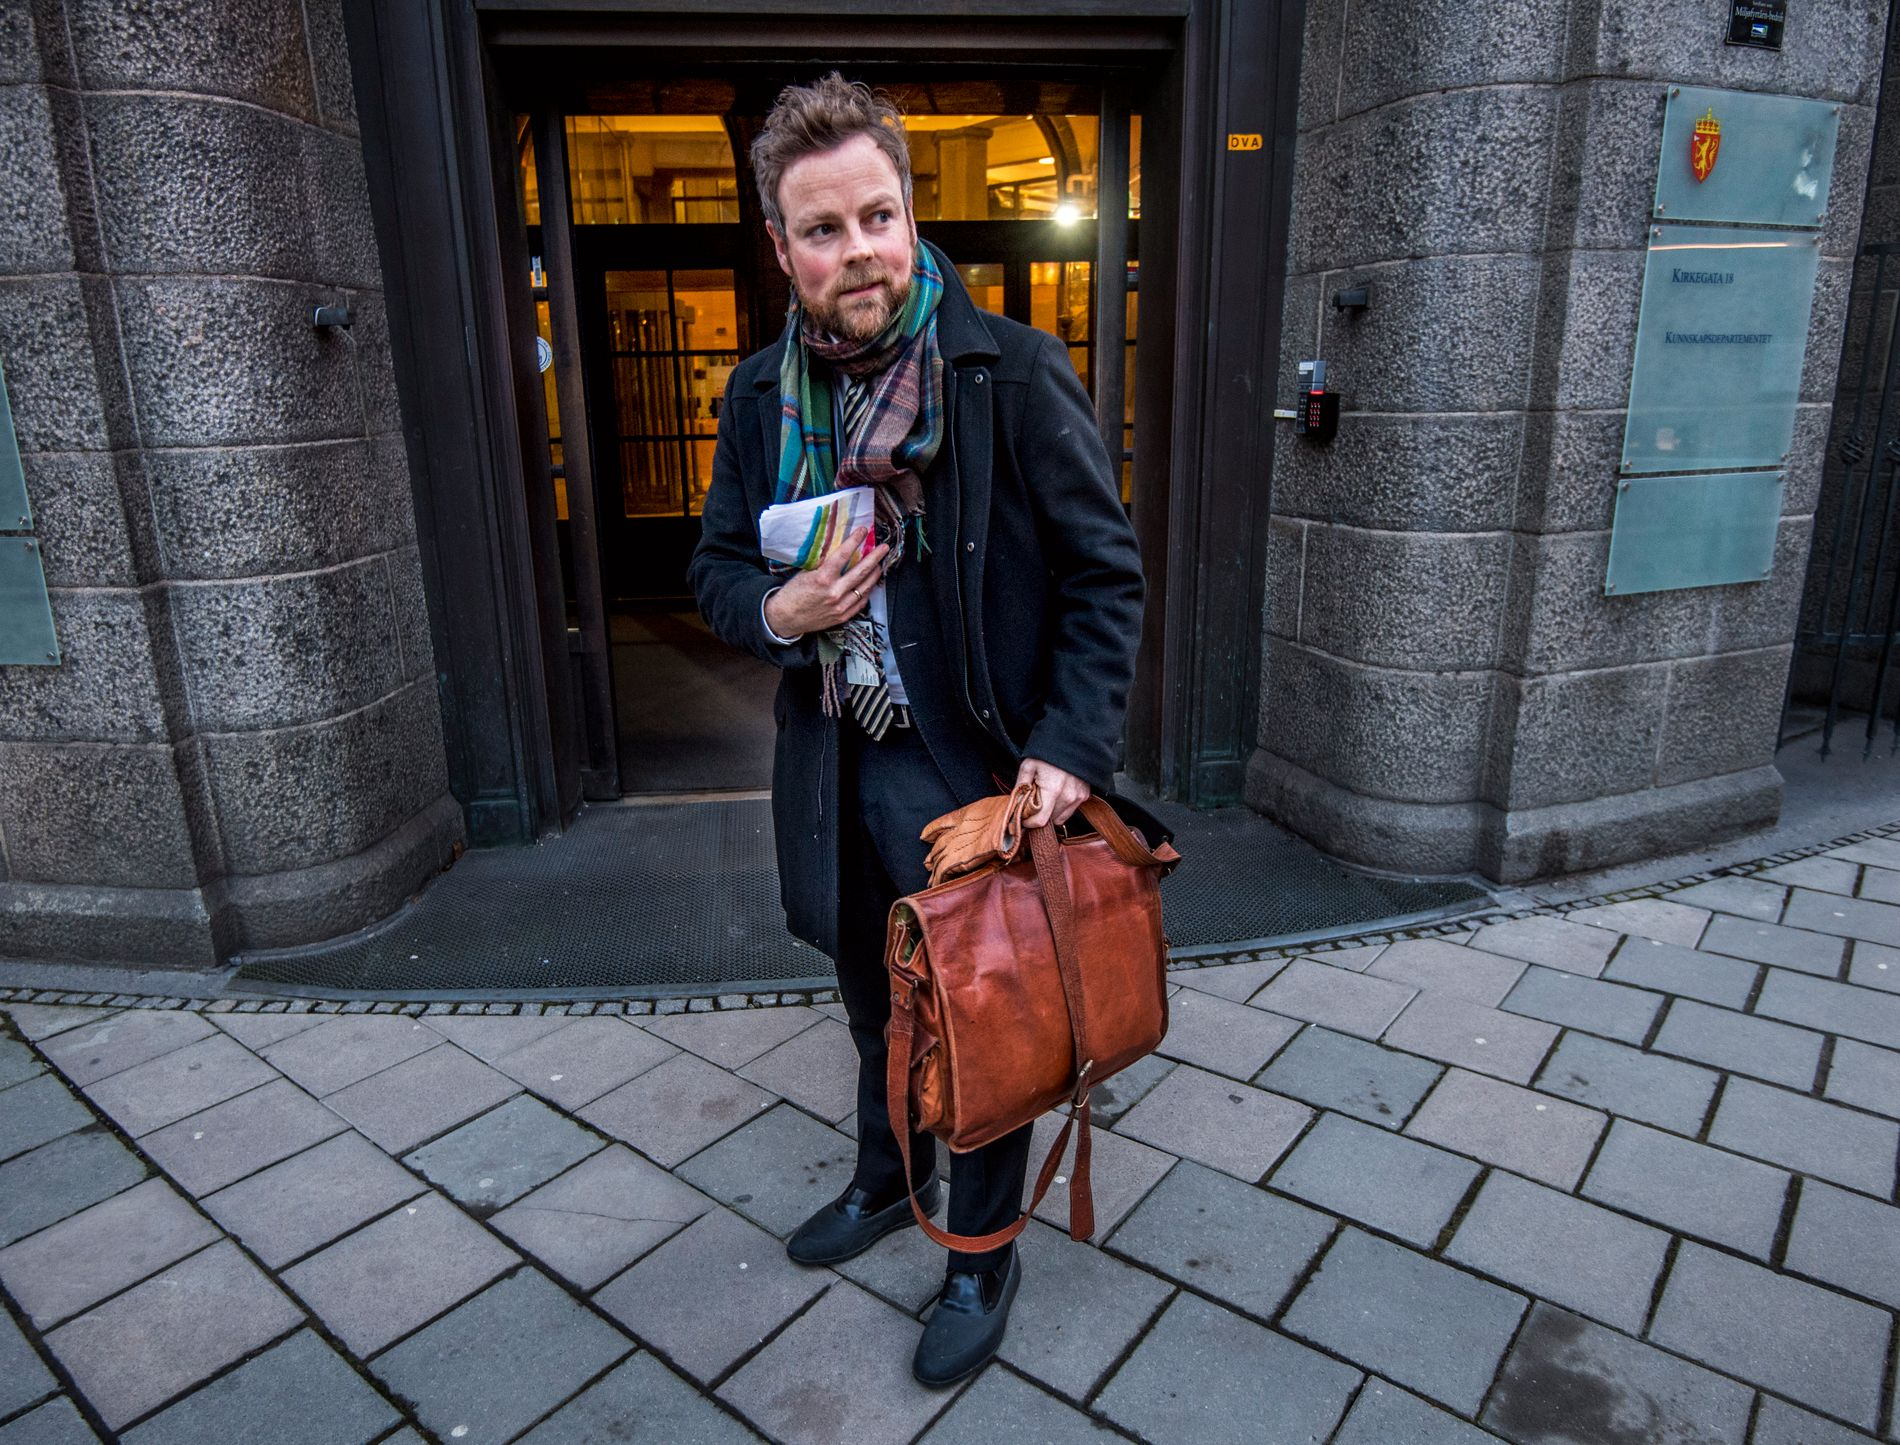 FORVENTER: Næringsminister Torbjørn Røe Isaksen har forventninger om at selskapene arbeider hardere for at ledergruppene blir mer mangfoldige.